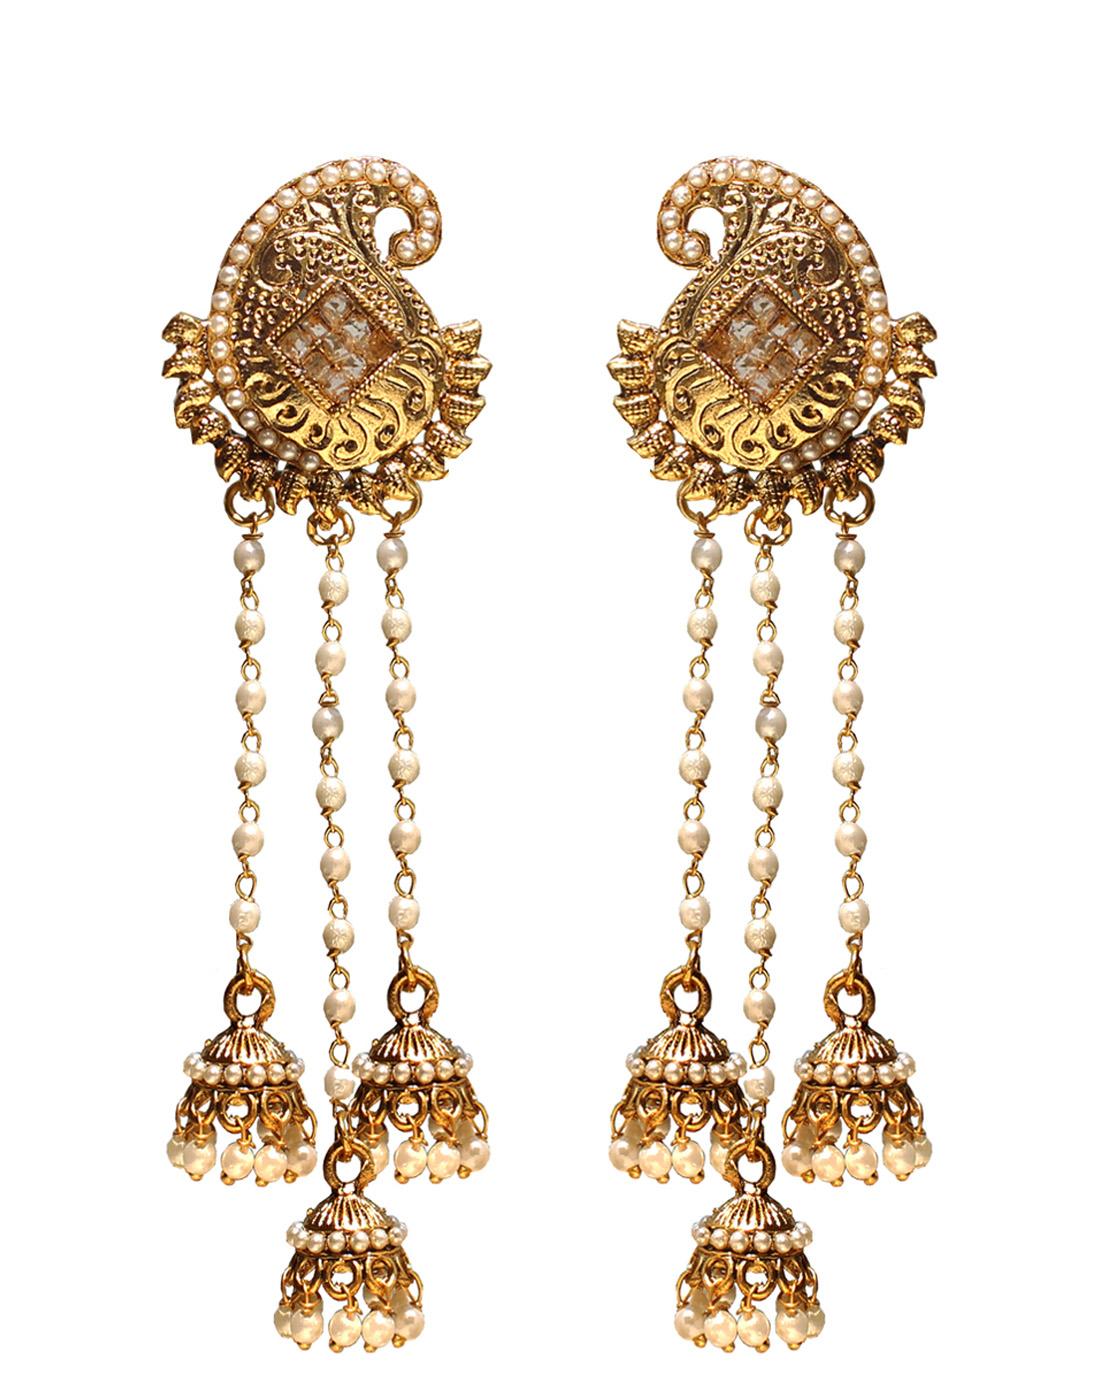 Buy Long Mango Designer Earrings with 3 Pearl Tassels Online